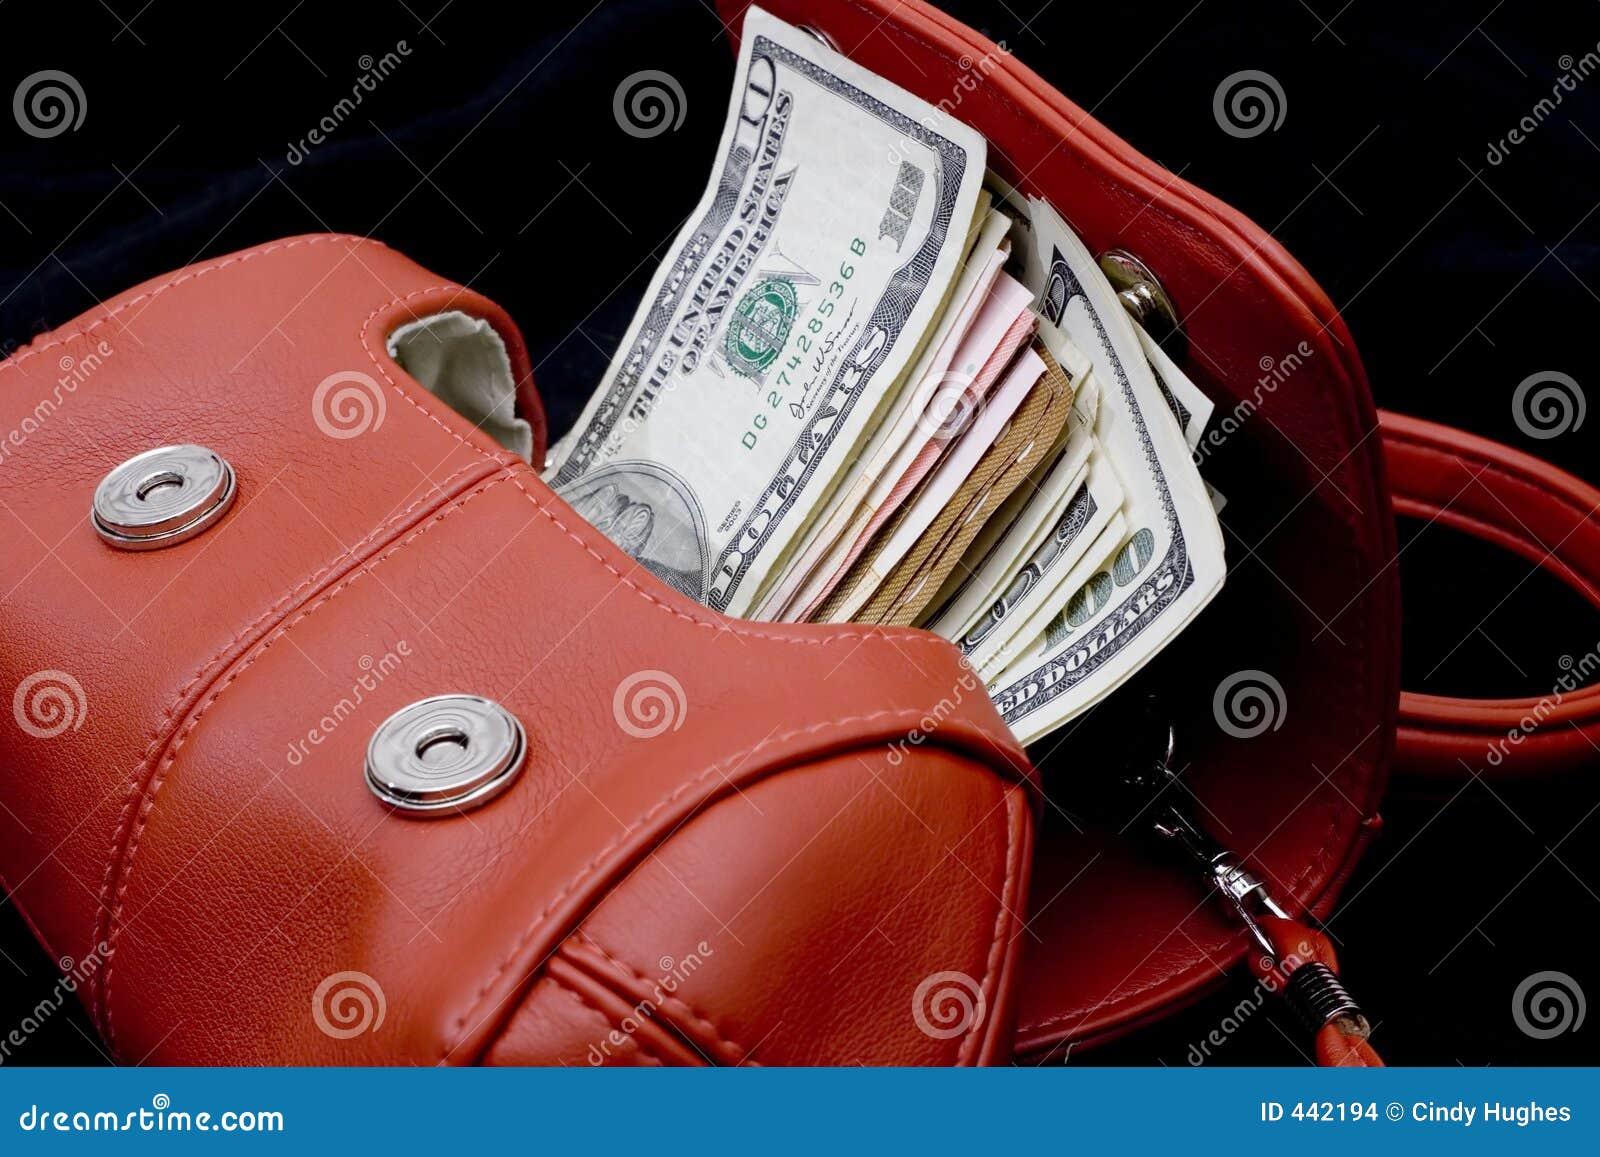 Borsa rossa con soldi